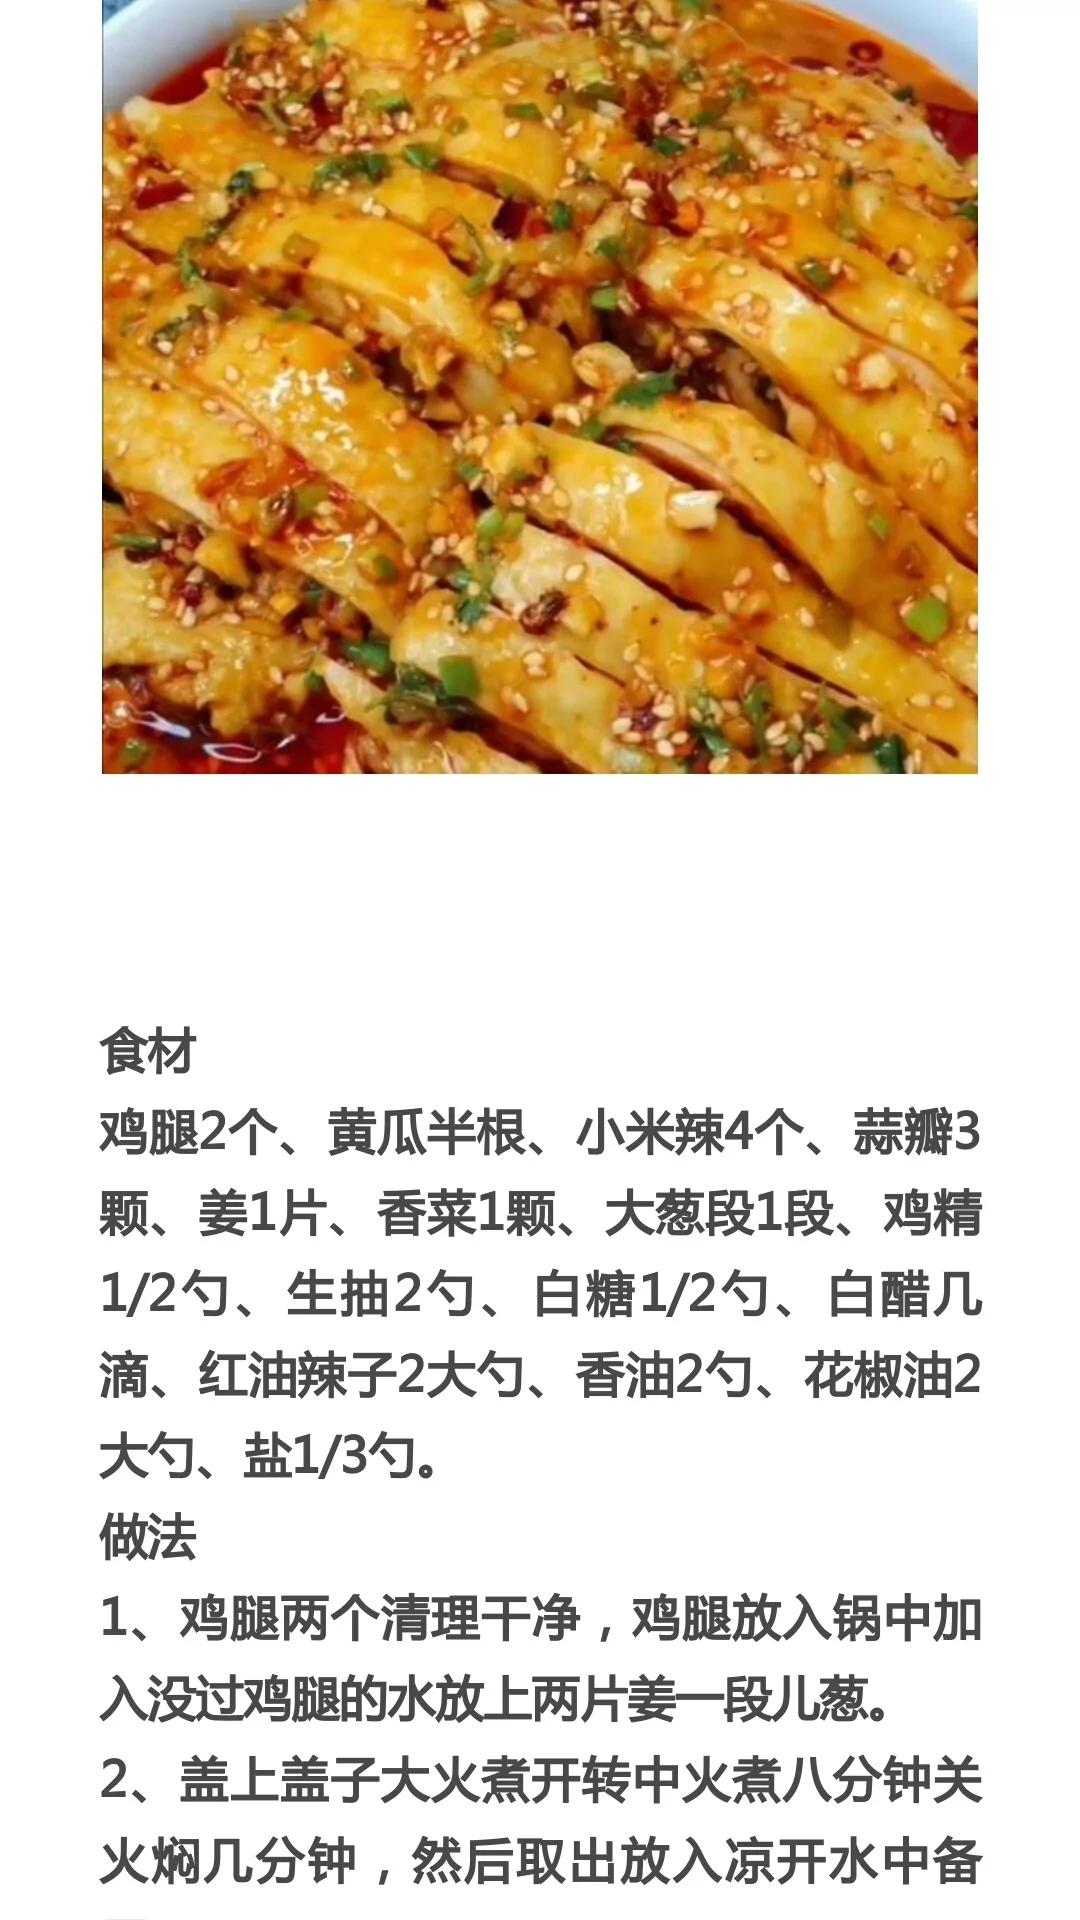 家常凉拌菜的做法及配料 美食做法 第6张